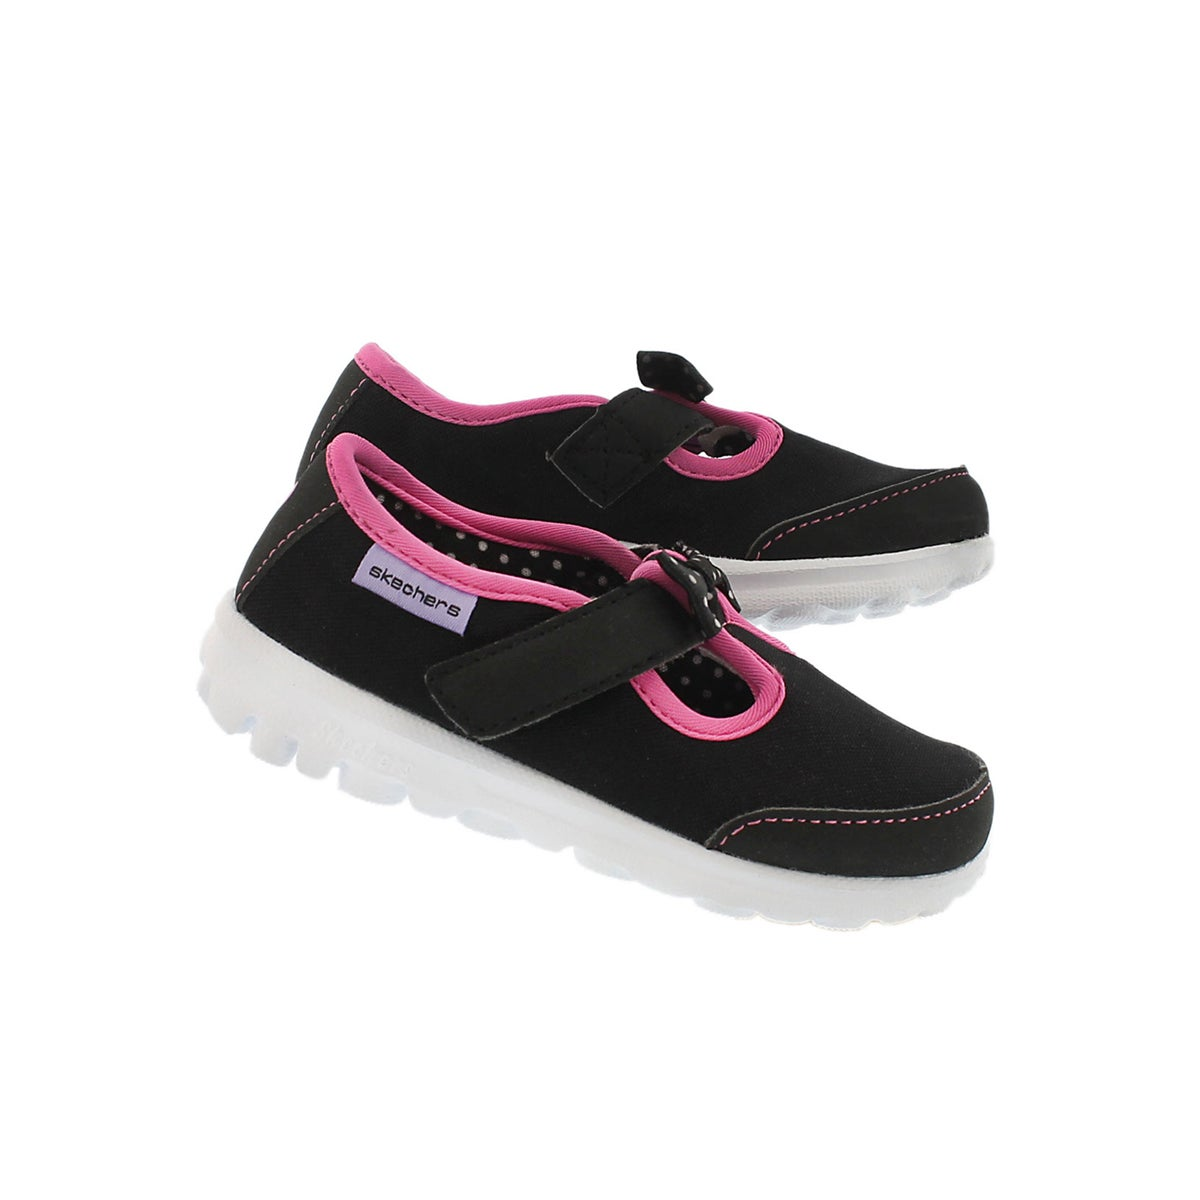 Infs-g GOwalkBittyBow bk/pk walking shoe